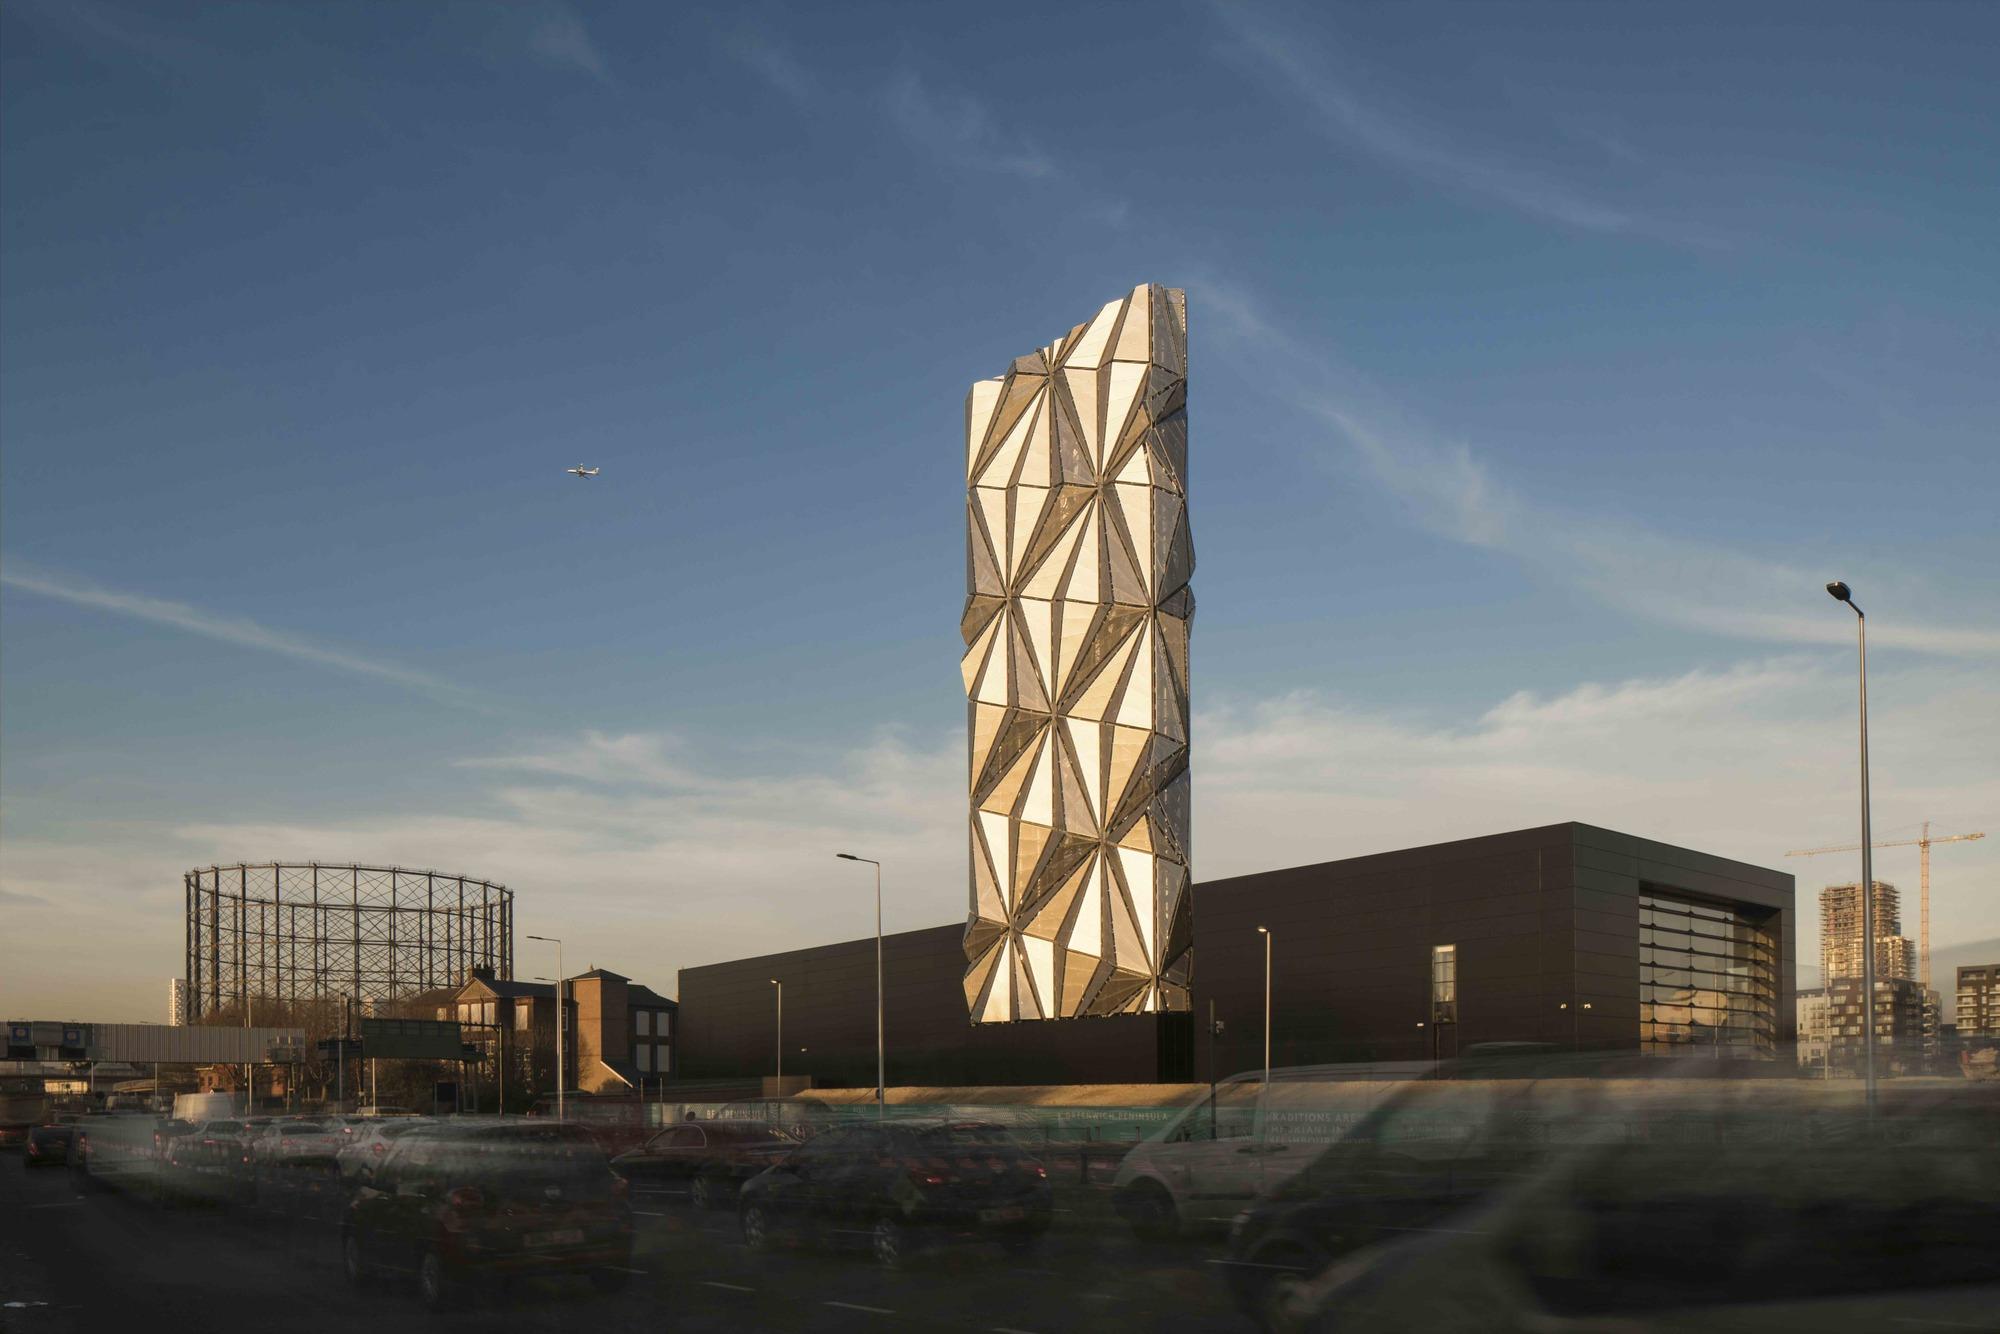 Centro de Energía Baja en Carbono Península de Greenwich / C.F. Møller Architects